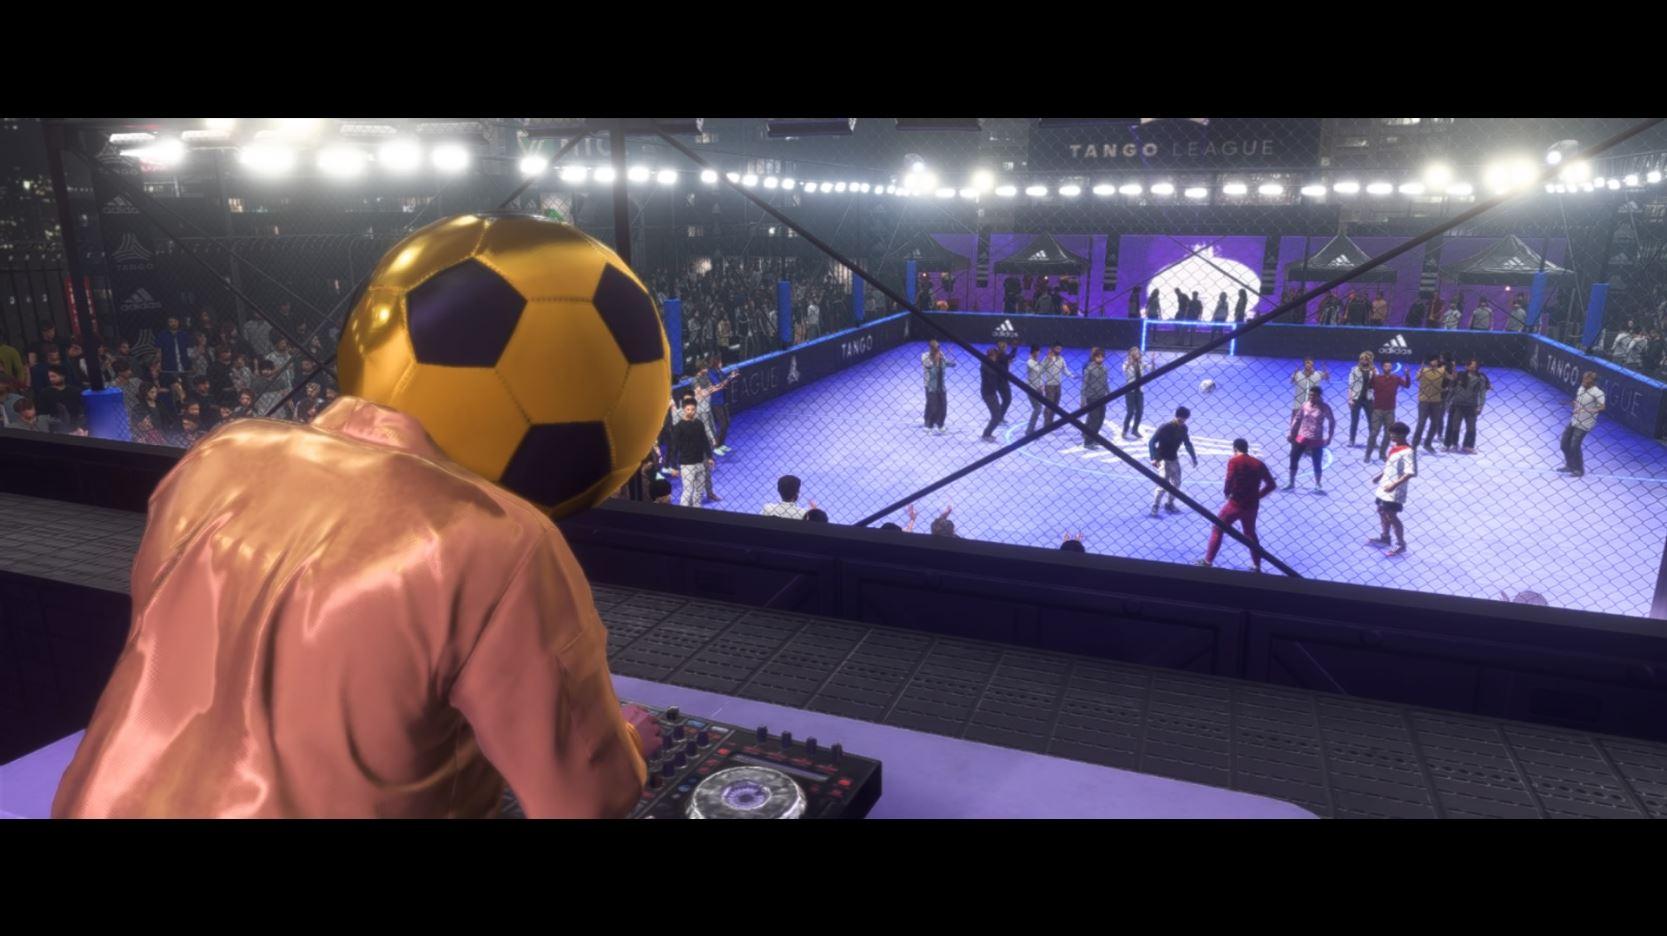 FIFA 20-Rückblick: Neue Spielmethoden machen die FIFA zum Komplettpaket 3